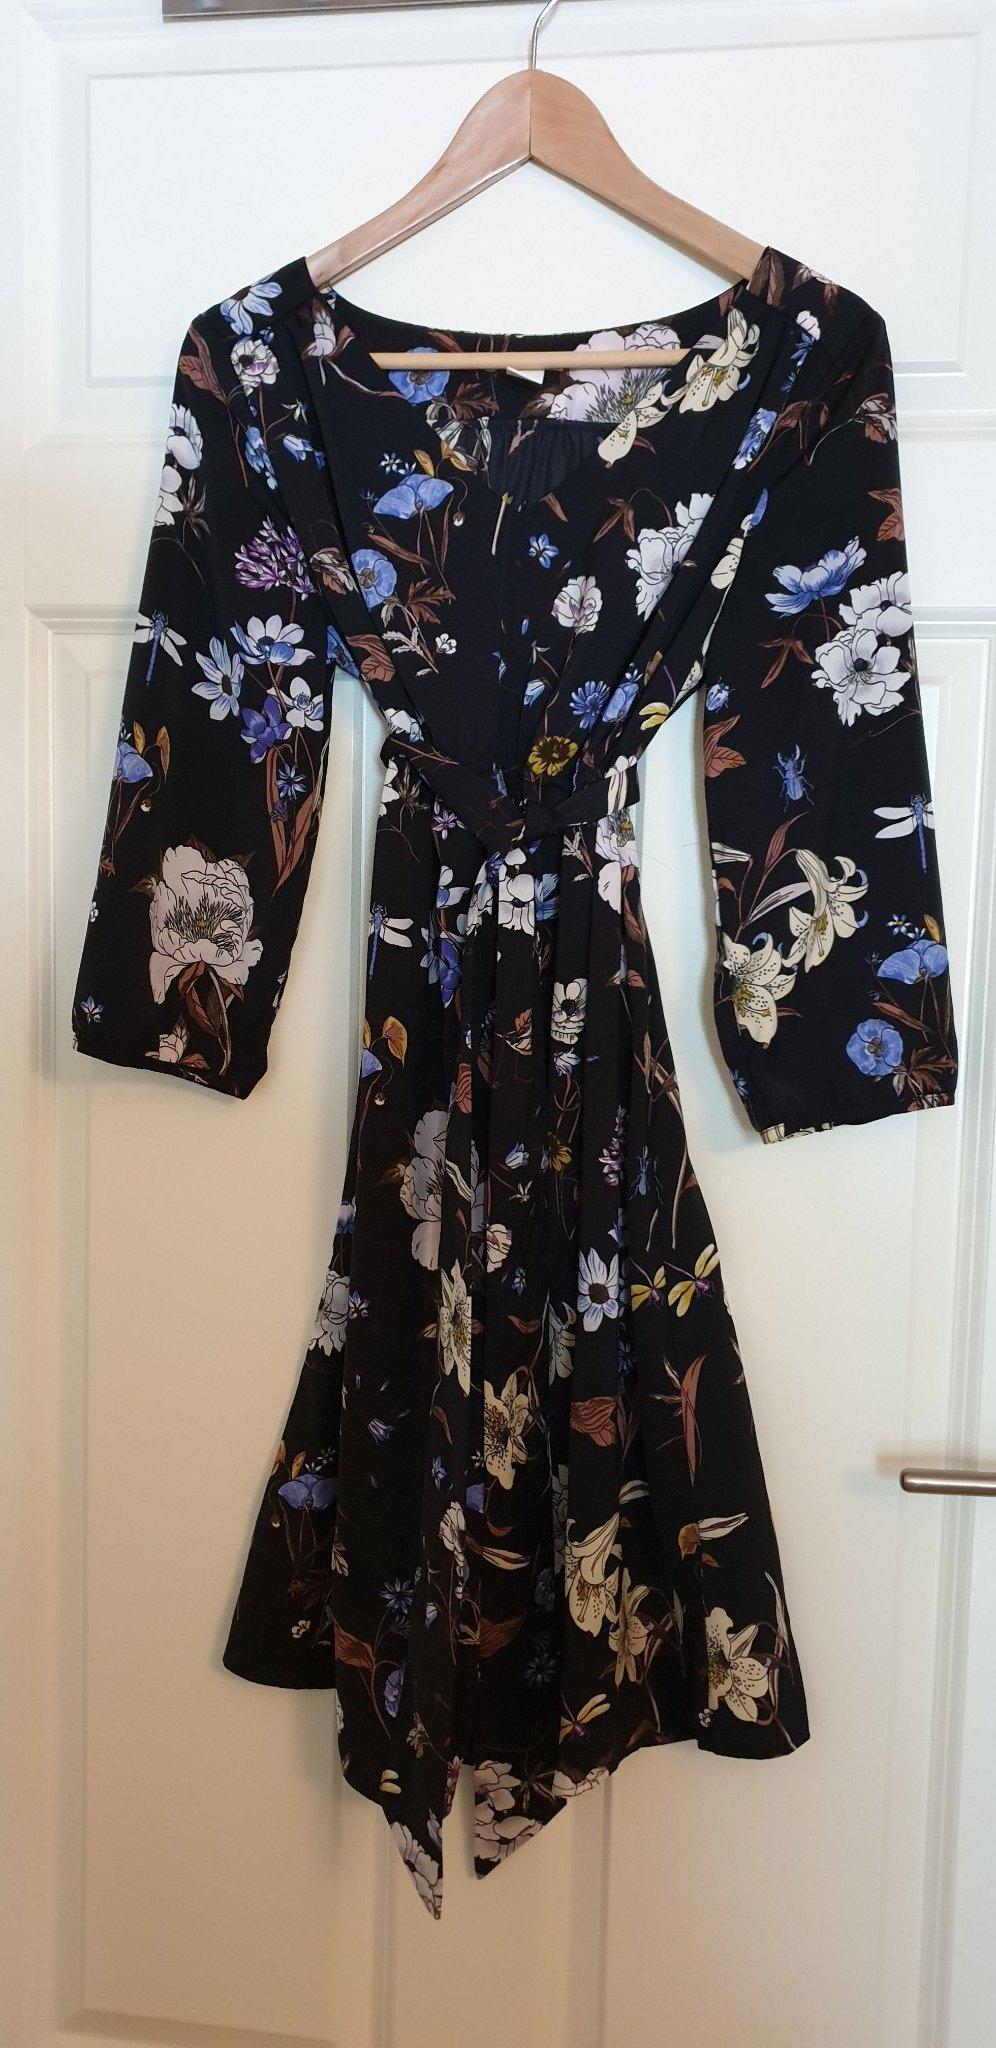 2980225611a9 Jätte fina klänningar från hm Mama stl M-L (347627473) ᐈ Köp på Tradera